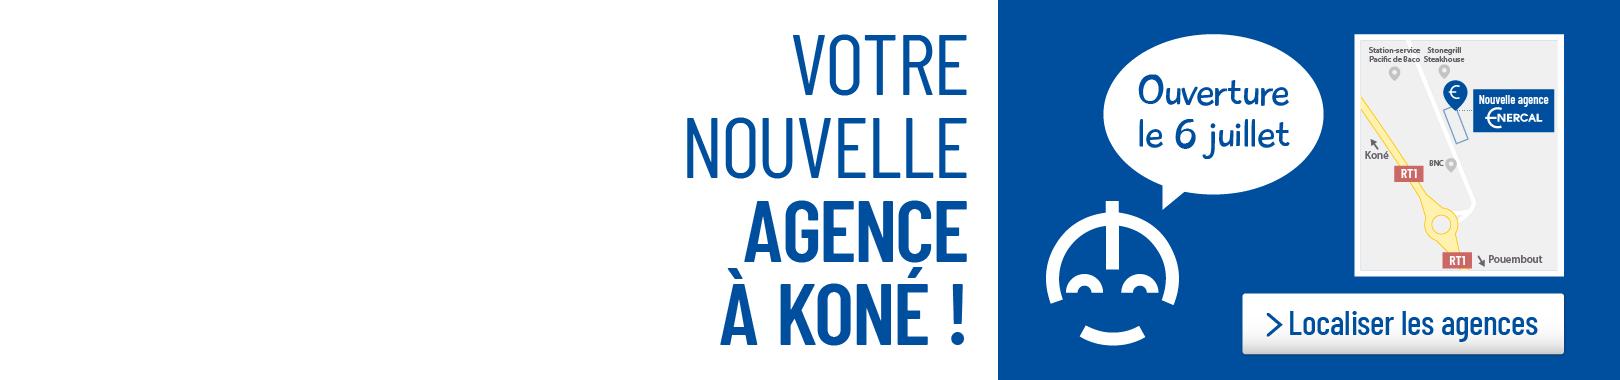 Nouvelle agence à Koné